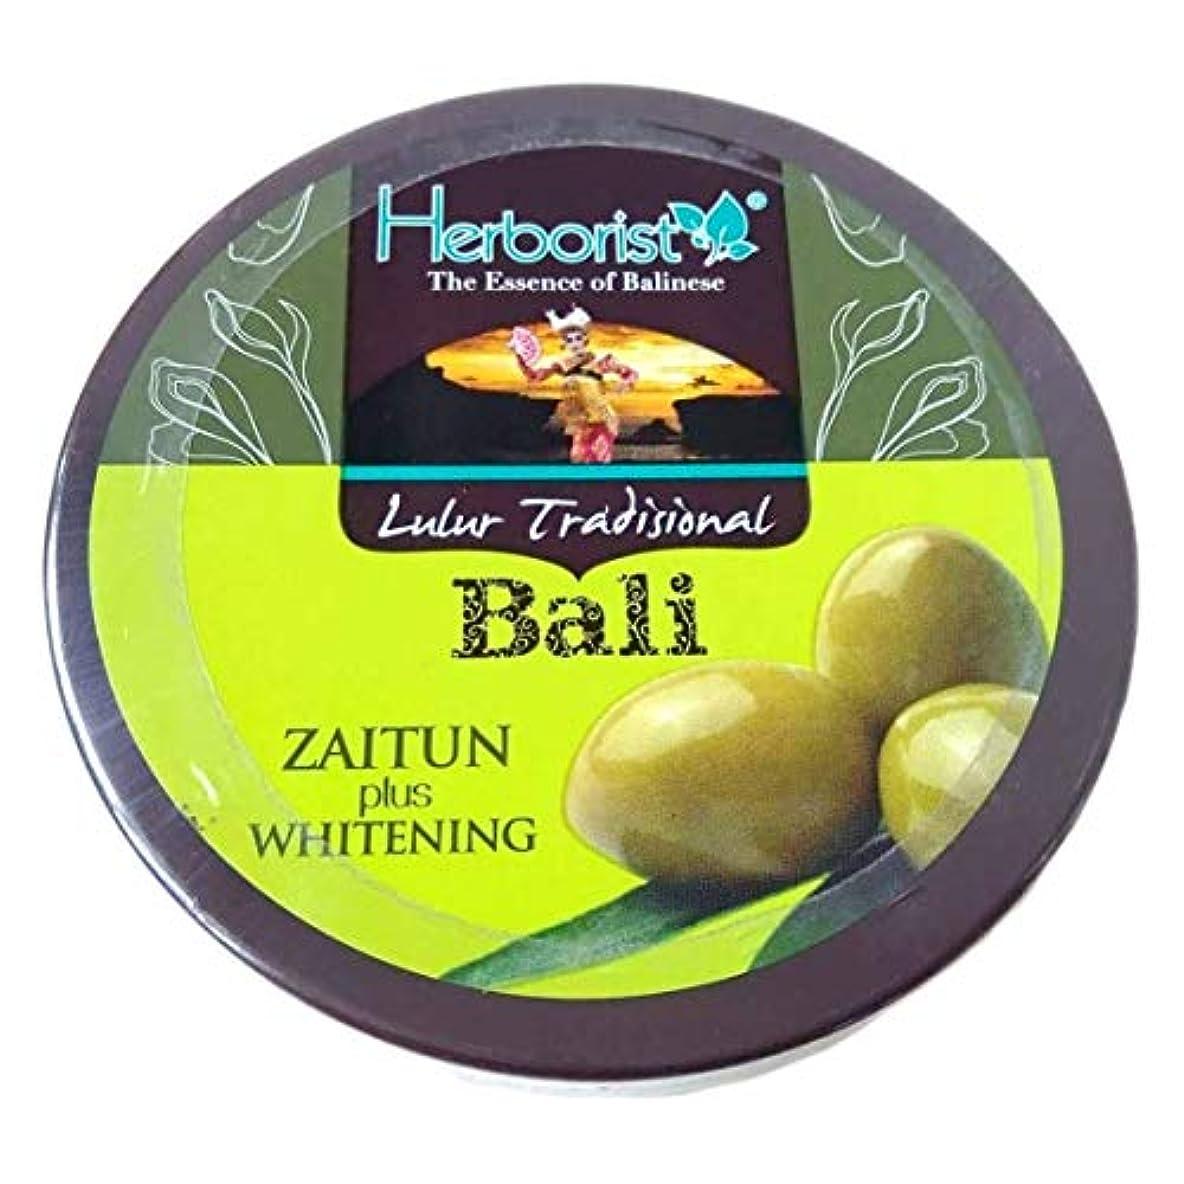 アルカトラズ島不明瞭新しい意味Herborist ハーボリスト インドネシアバリ島の伝統的なボディスクラブ Lulur Tradisional Bali ルルールトラディショナルバリ 100g Zaitun Olive オリーブ [海外直送品]